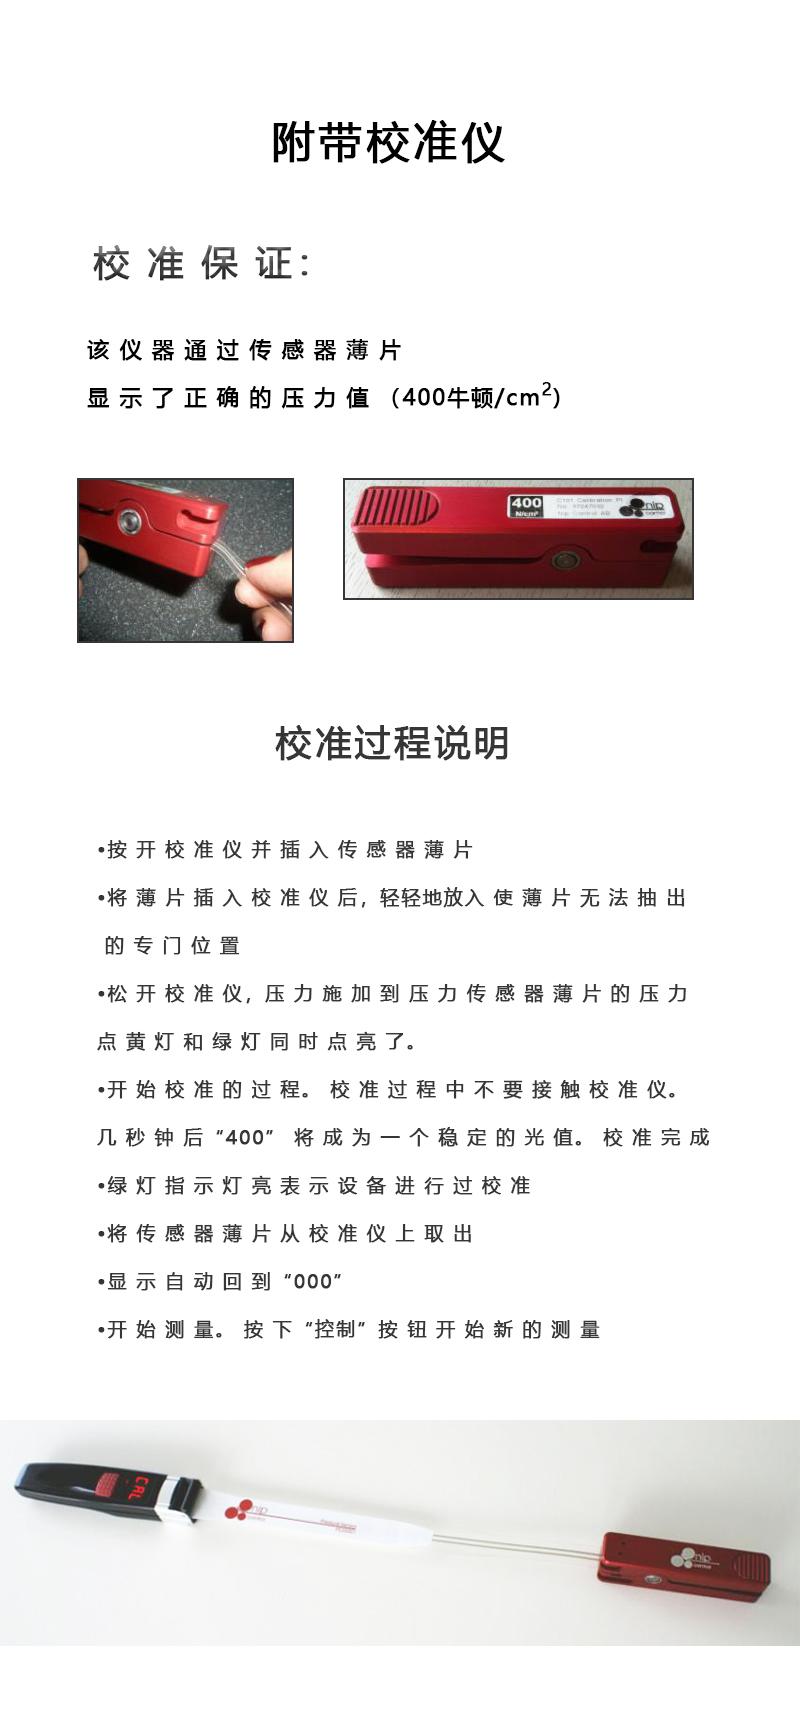 压力测试仪详情页05.jpg